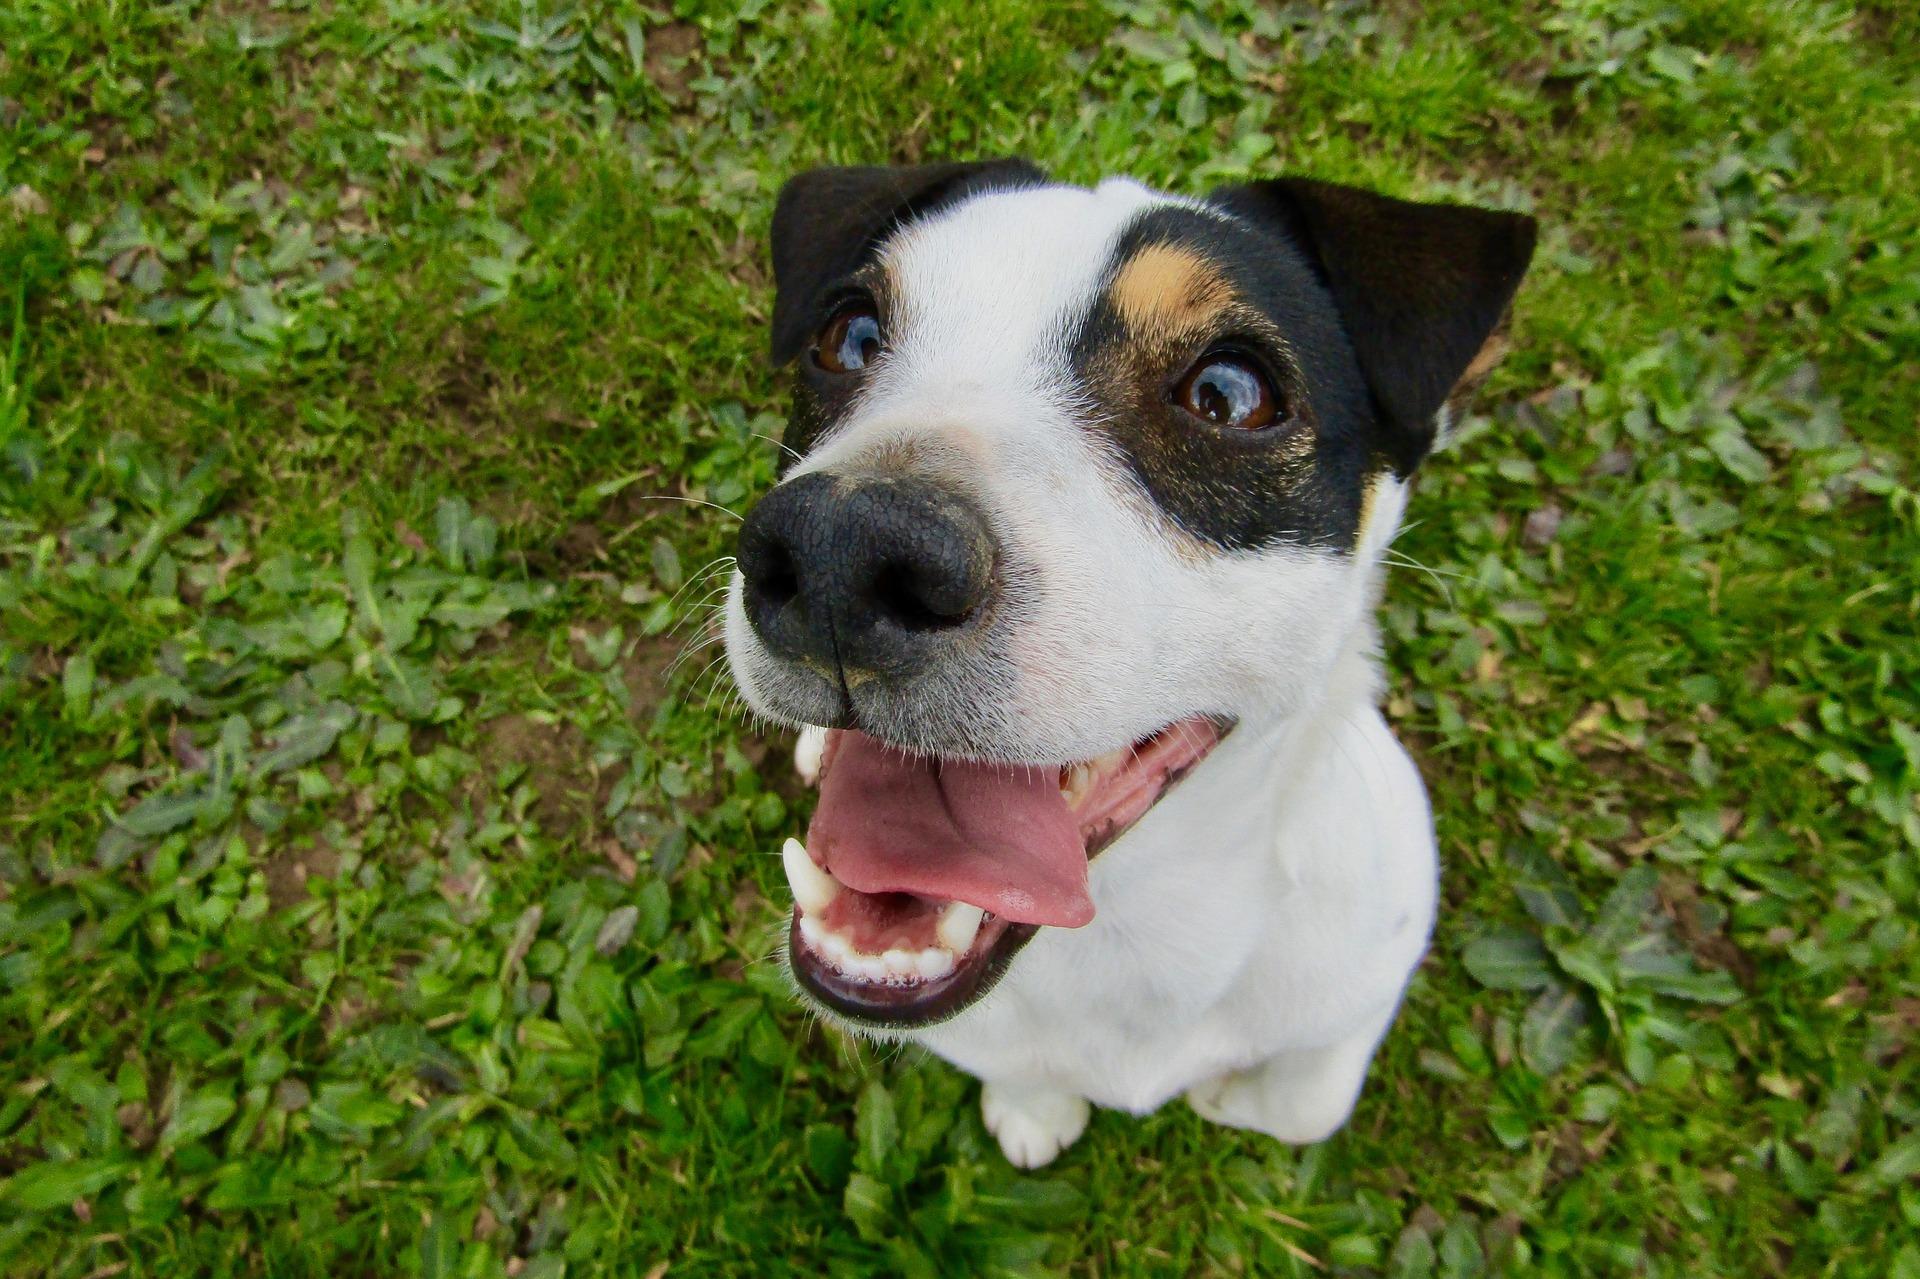 犬のエナメル質形成不全を徹底解説!犬の病気を正しく知ろう